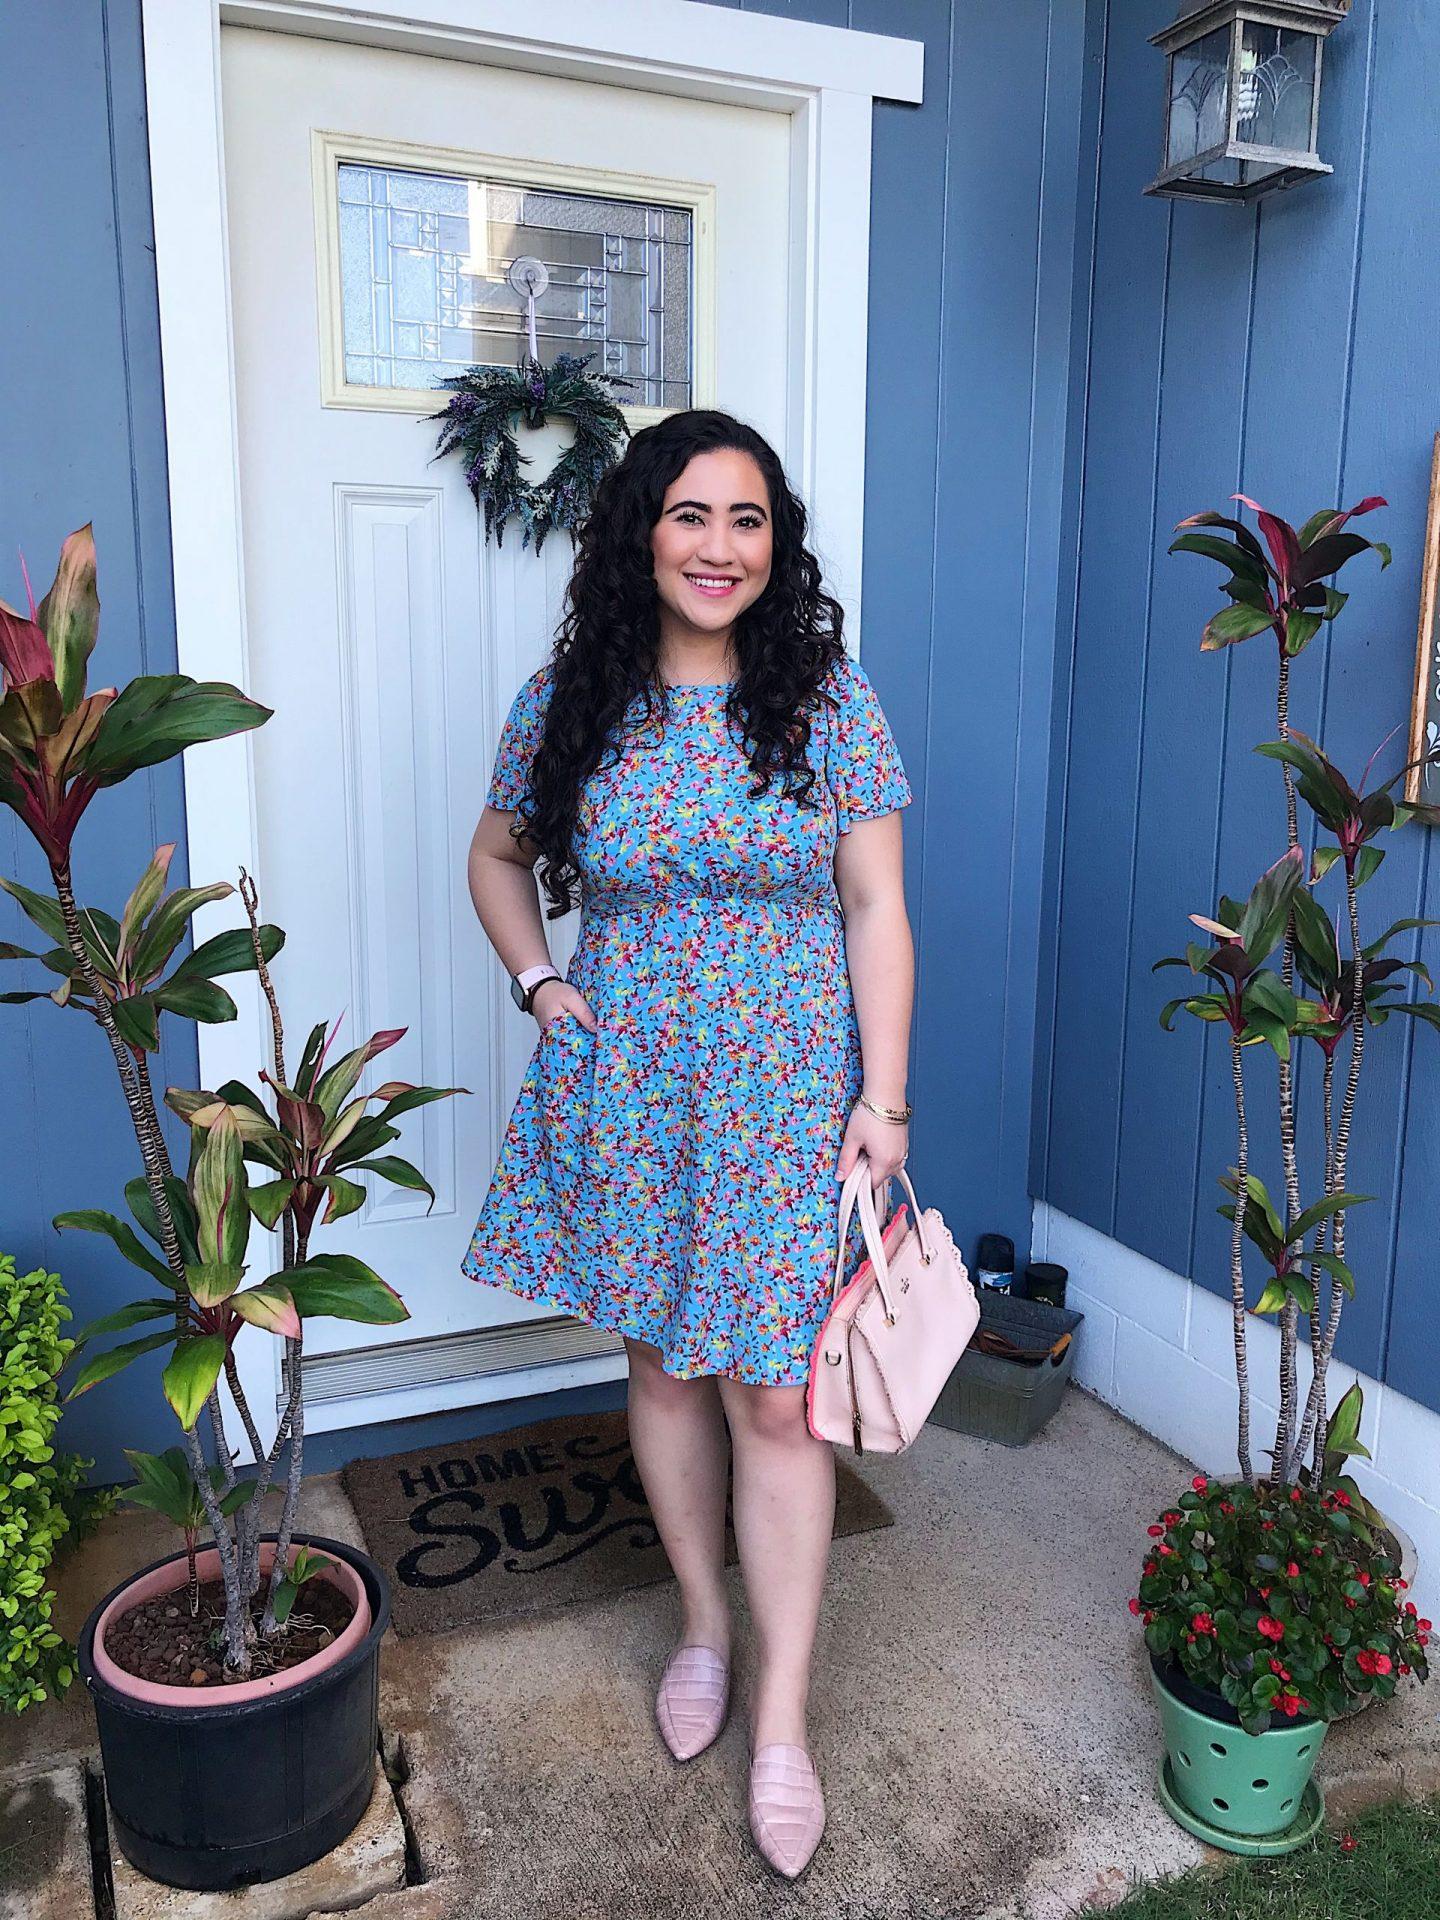 A summery blue dress